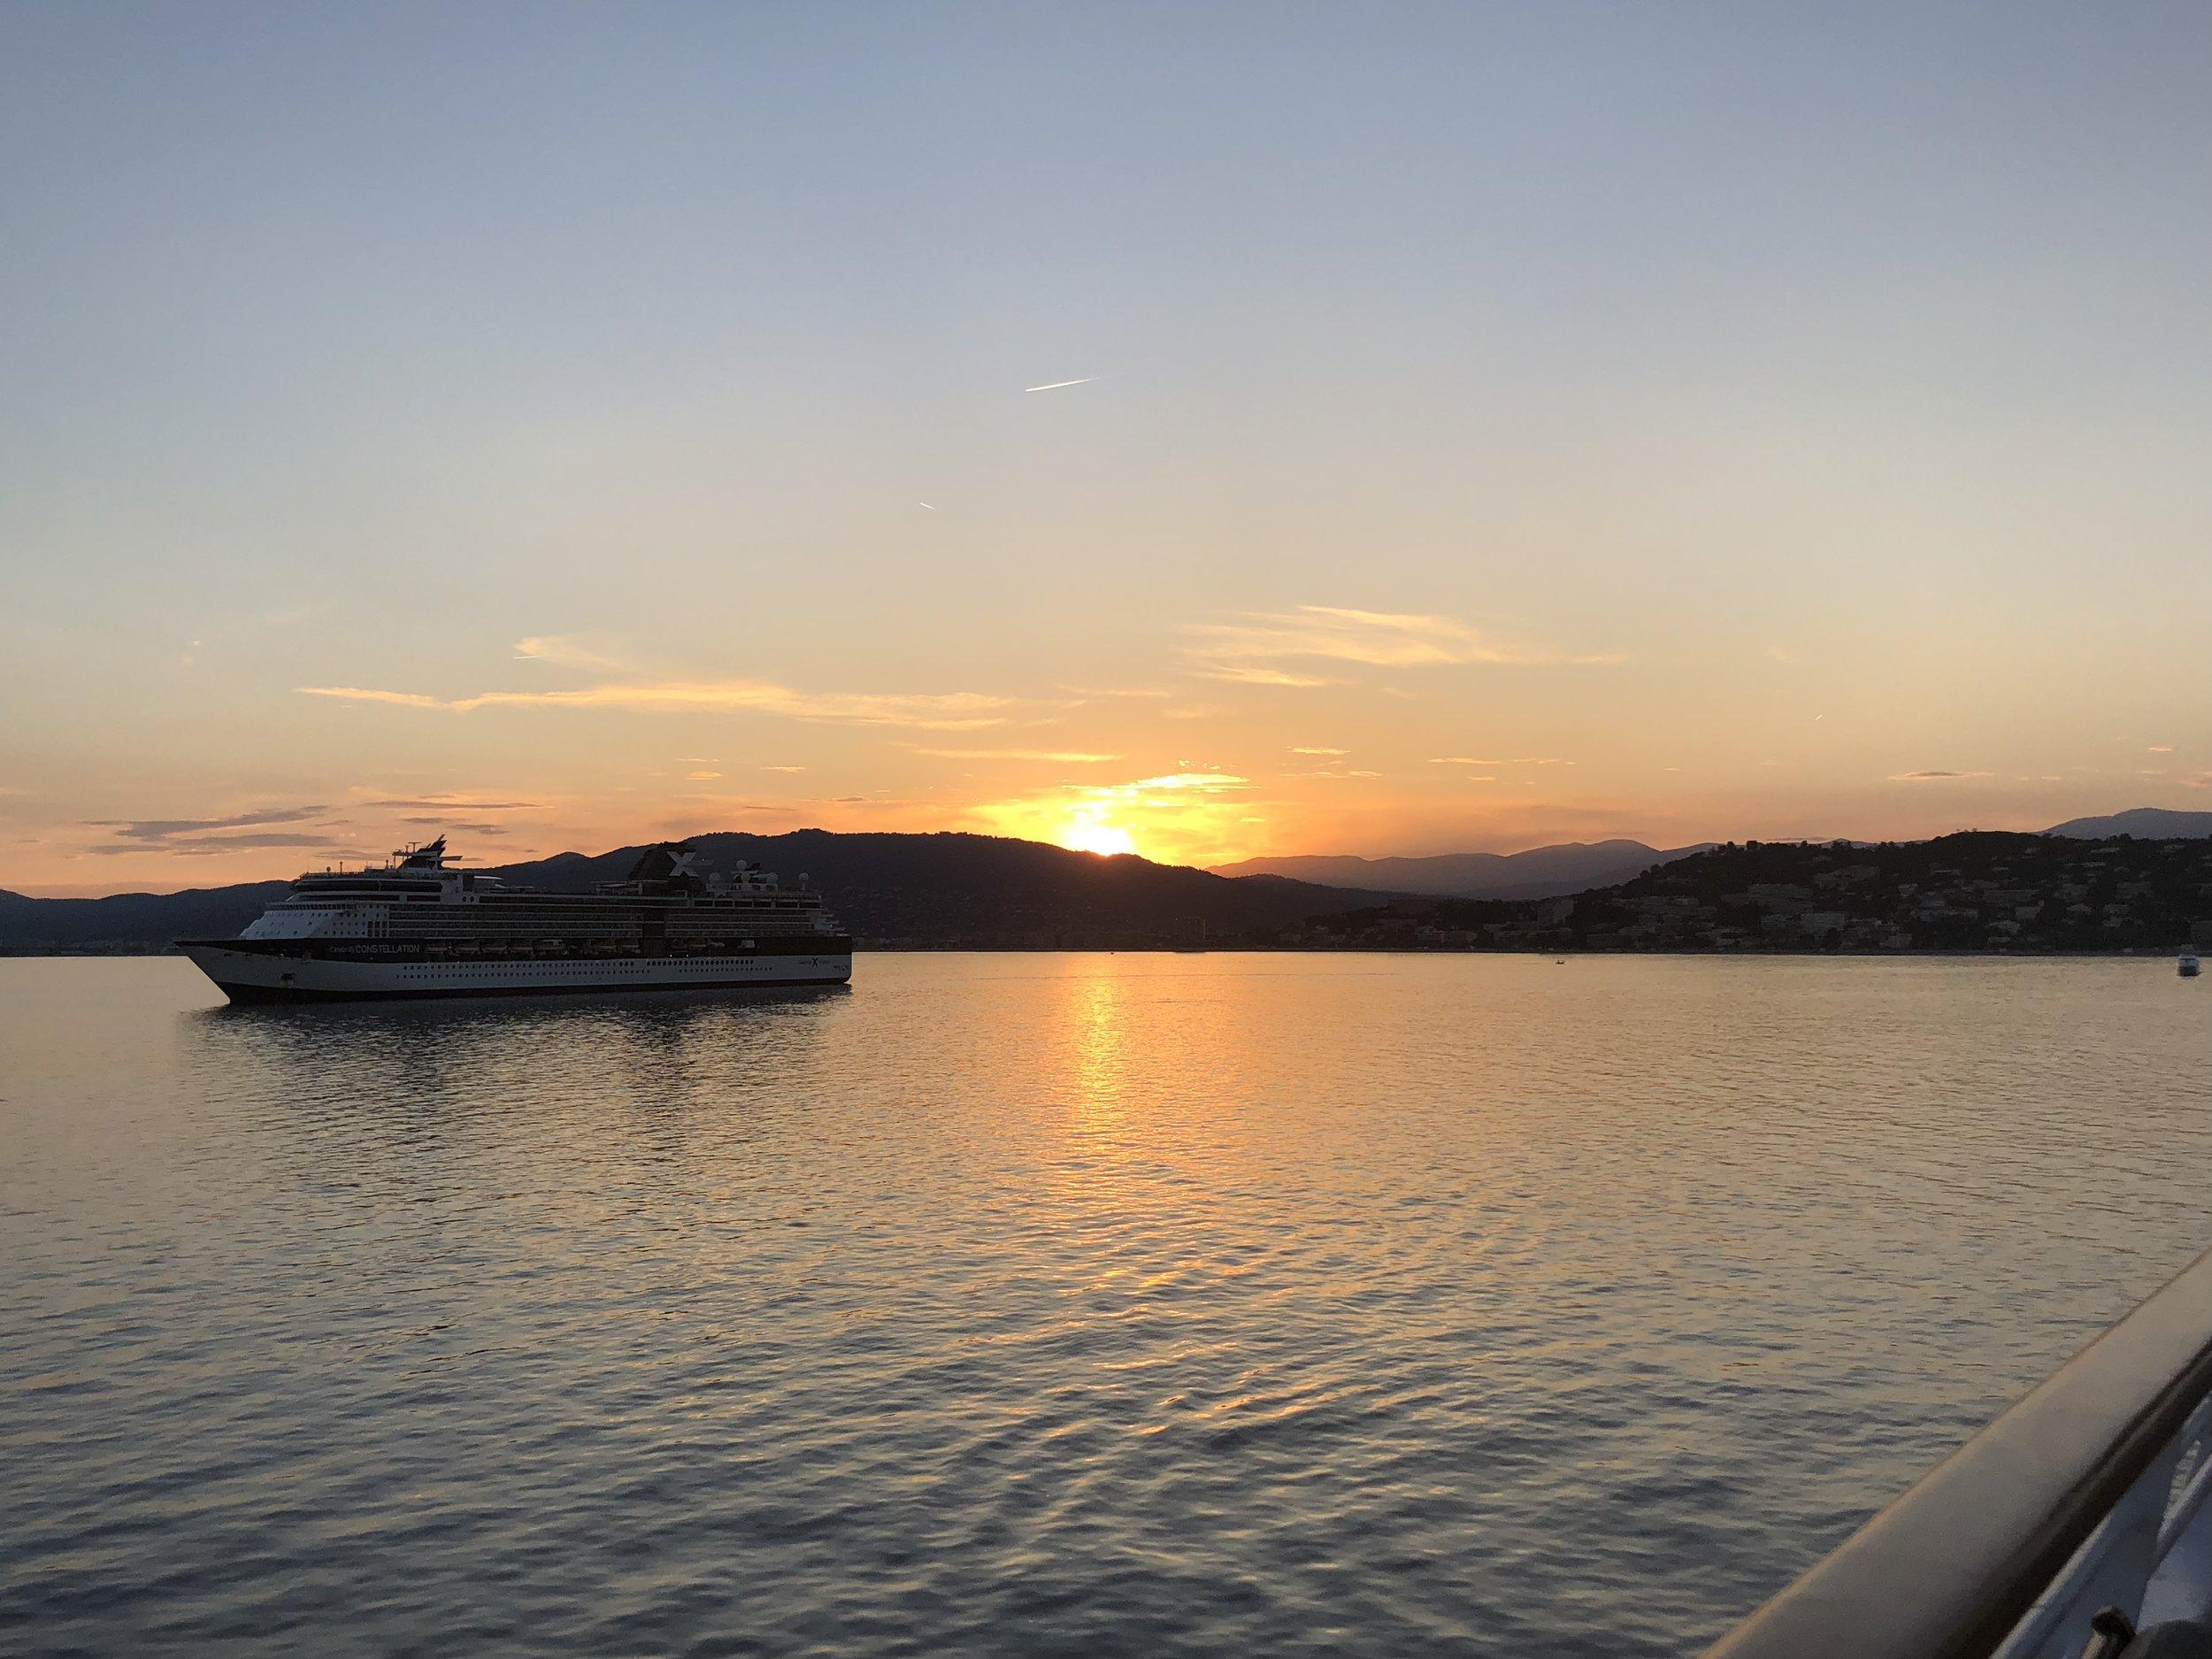 Enjoy sunset views while dining